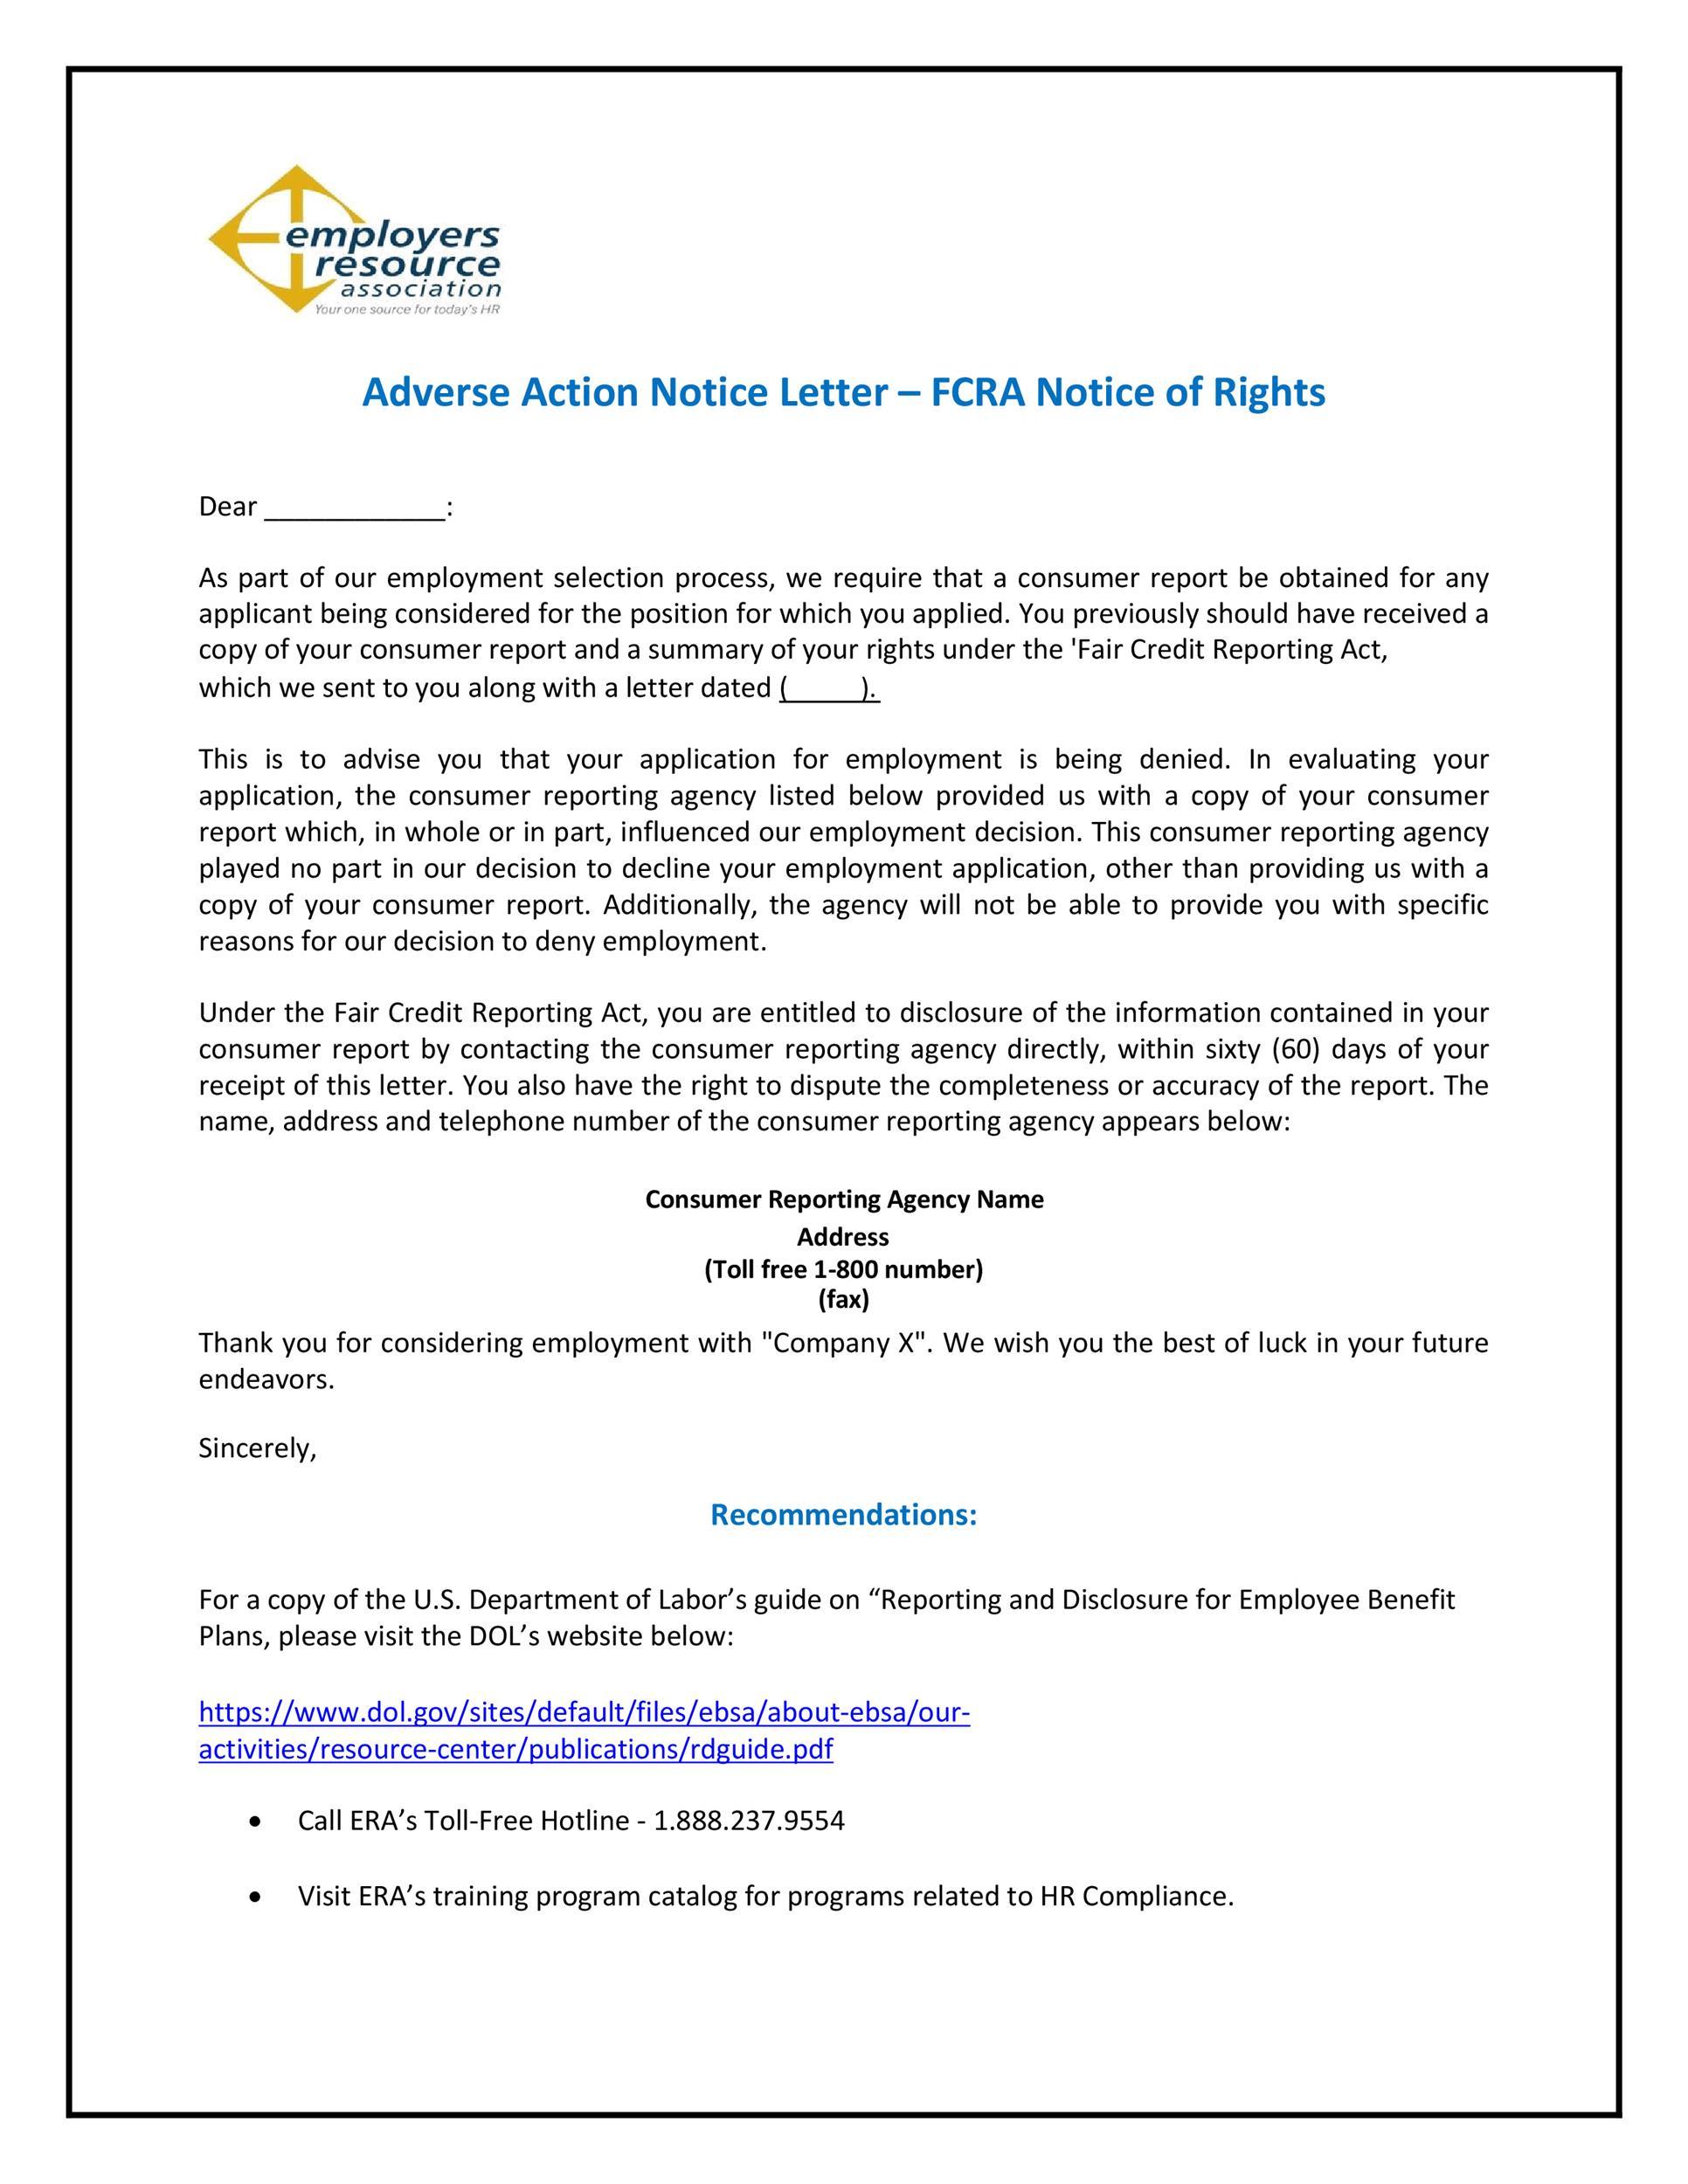 Free adverse action notice 50